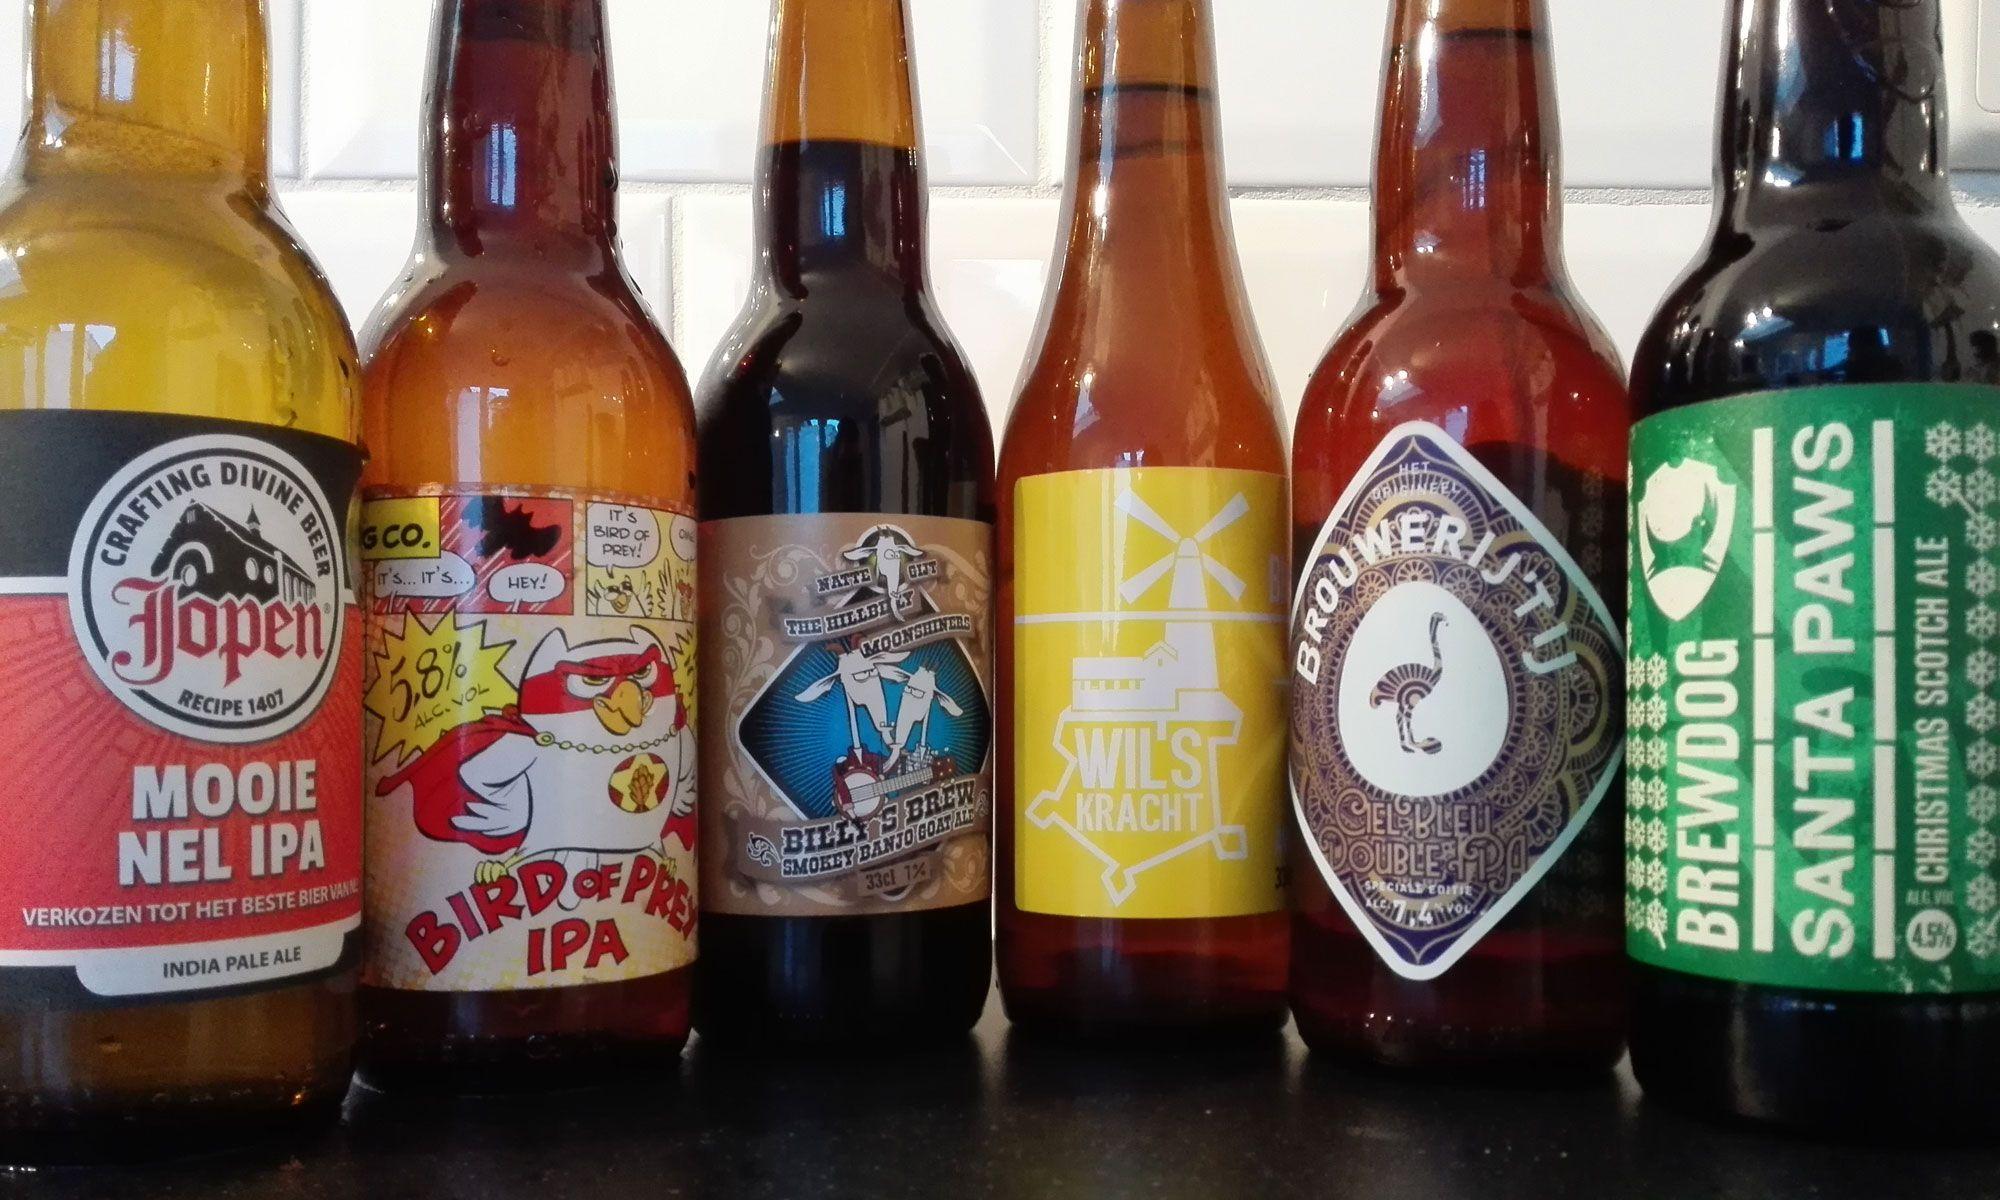 Voorbeeld van speciaalbier gebrouwen door craft beer brouwerijen.